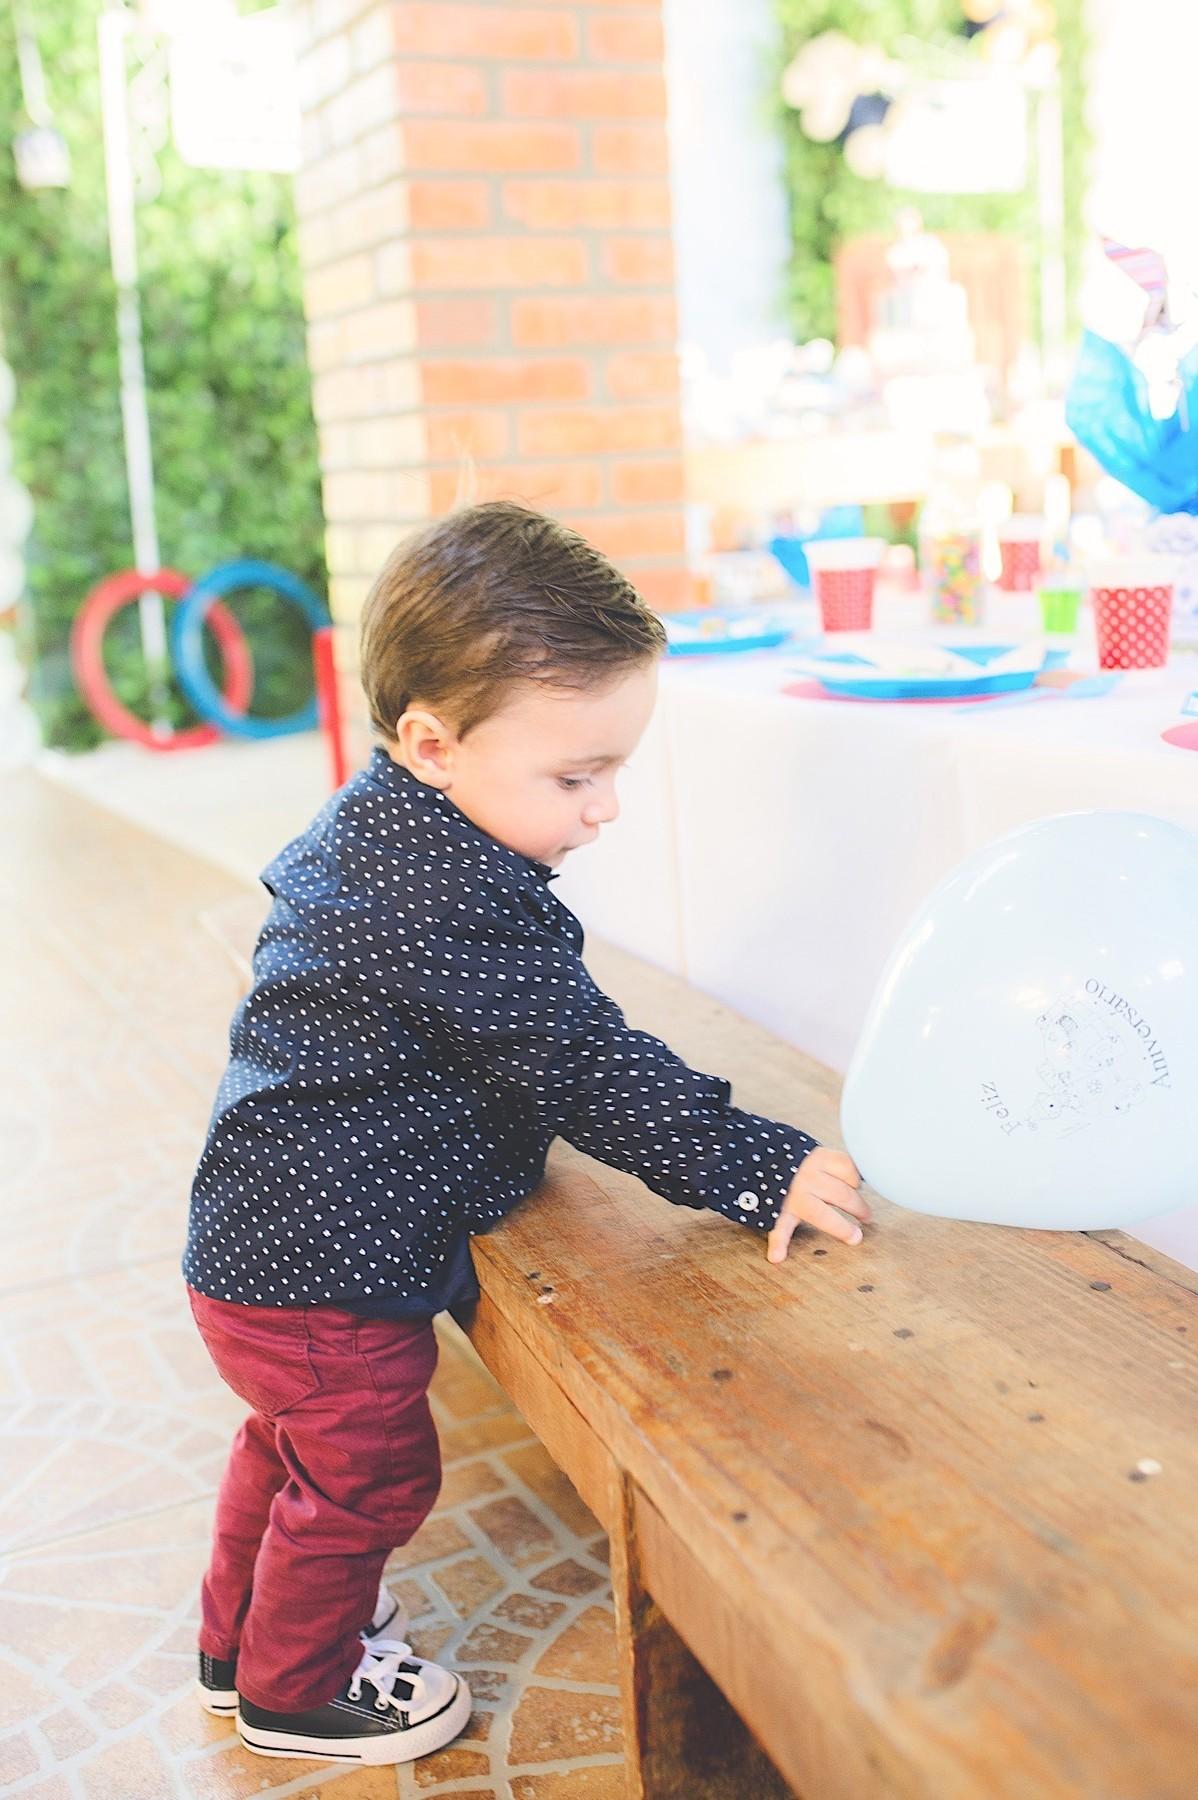 aniversário - oficina de brinquedos - um ano - murilo - sonho dos ventos - são bento do sul - chroma fotorgafia